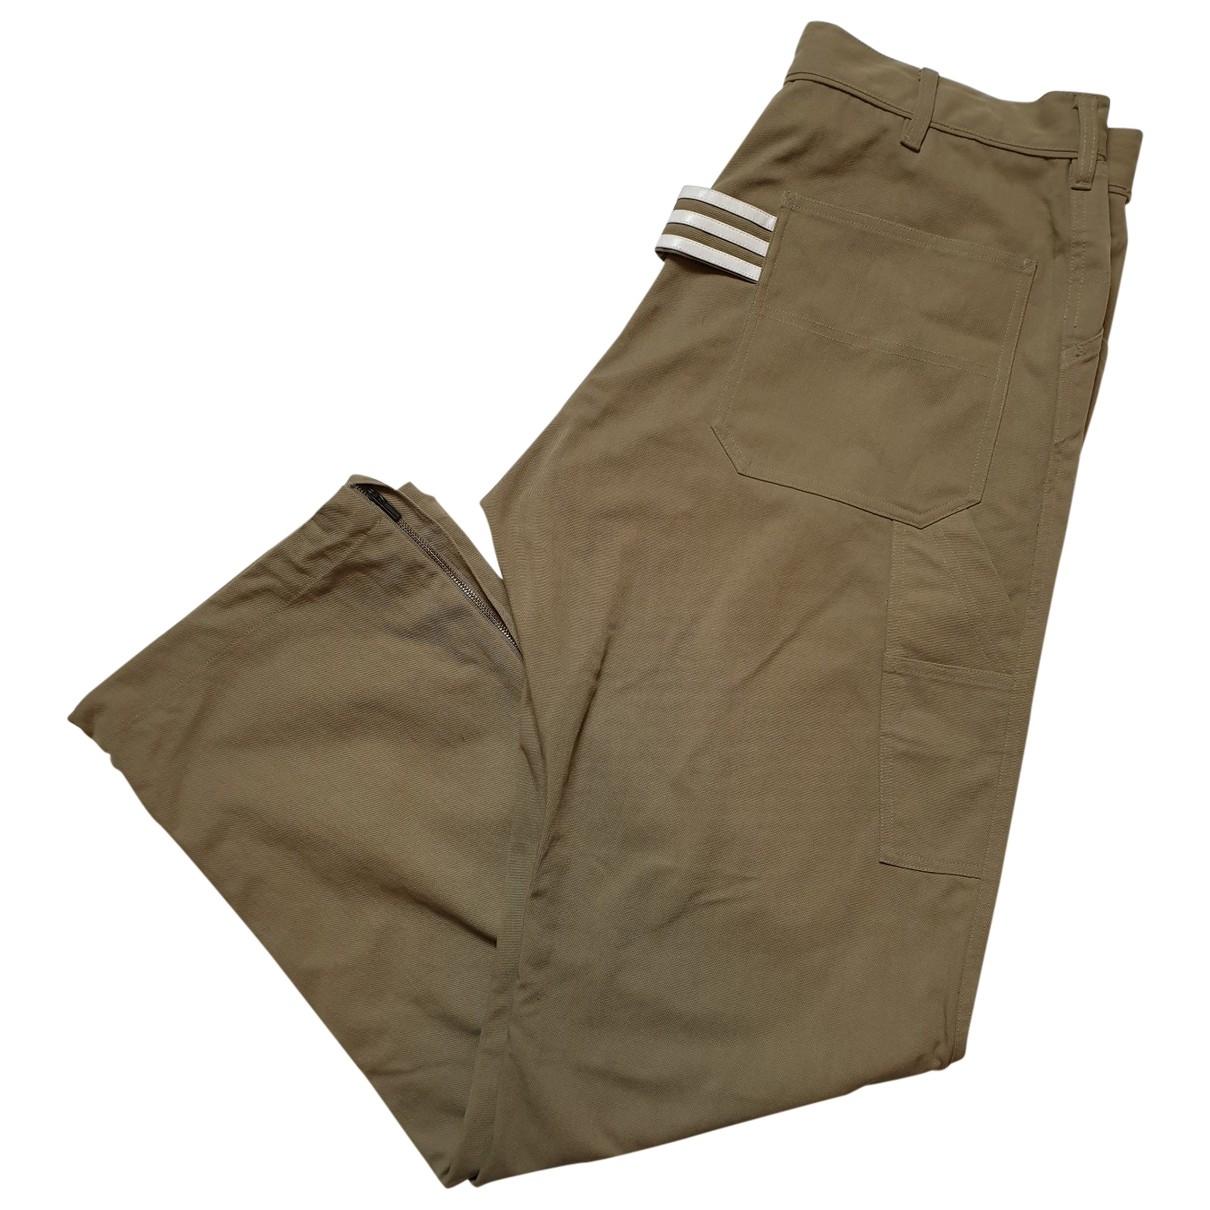 Y-3 By Yohji Yamamoto \N Beige Cotton Trousers for Men M International